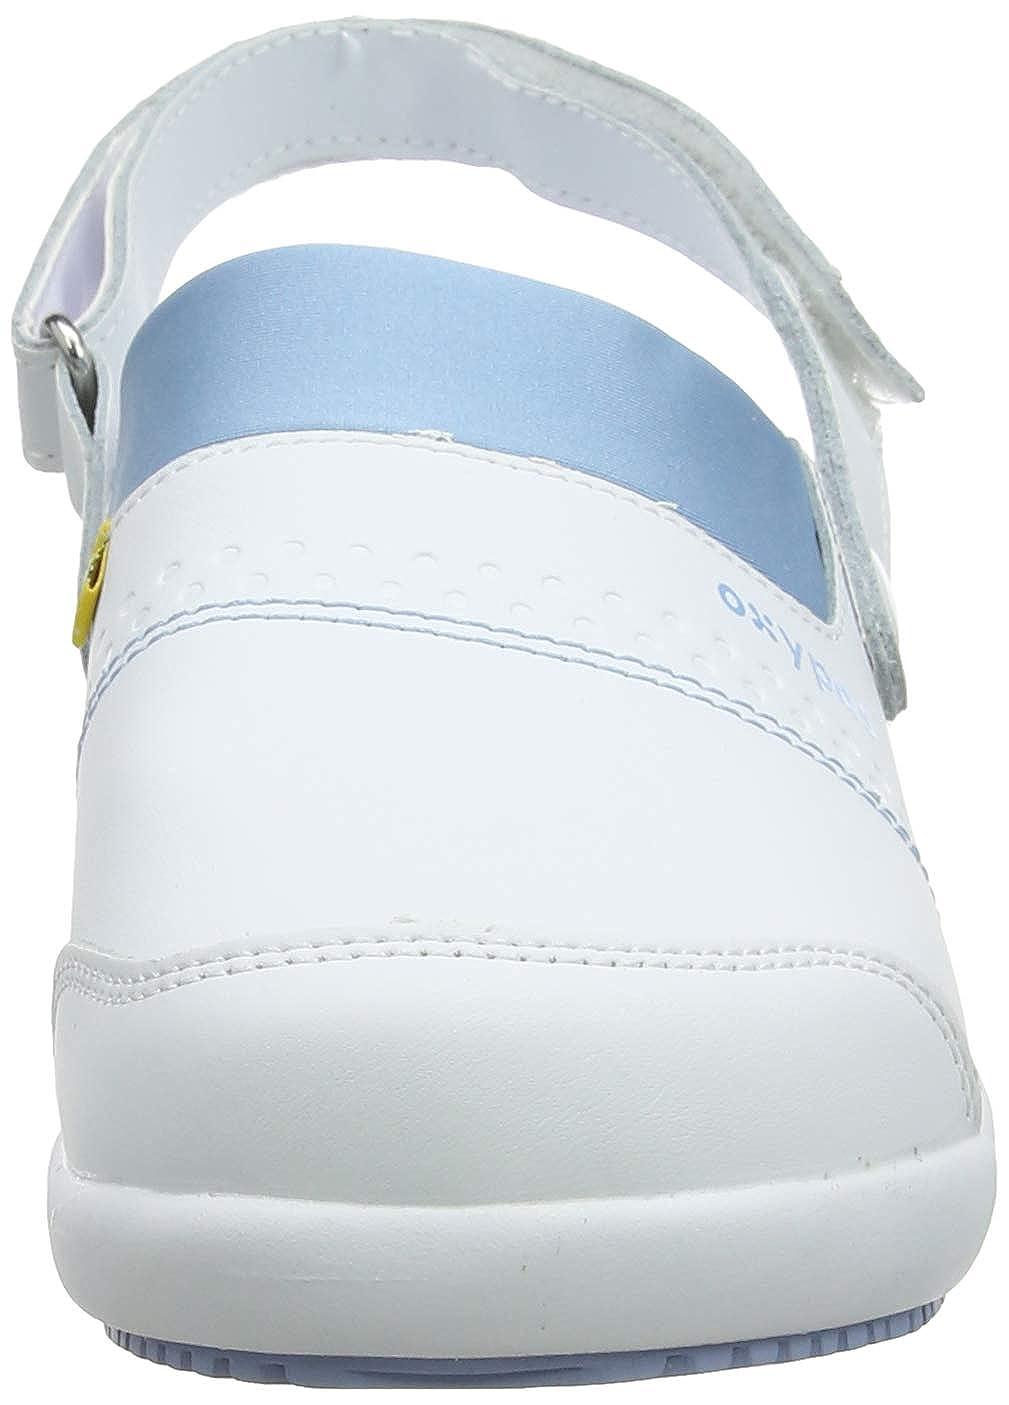 Zapatos de Seguridad Mujer OxypasSandy